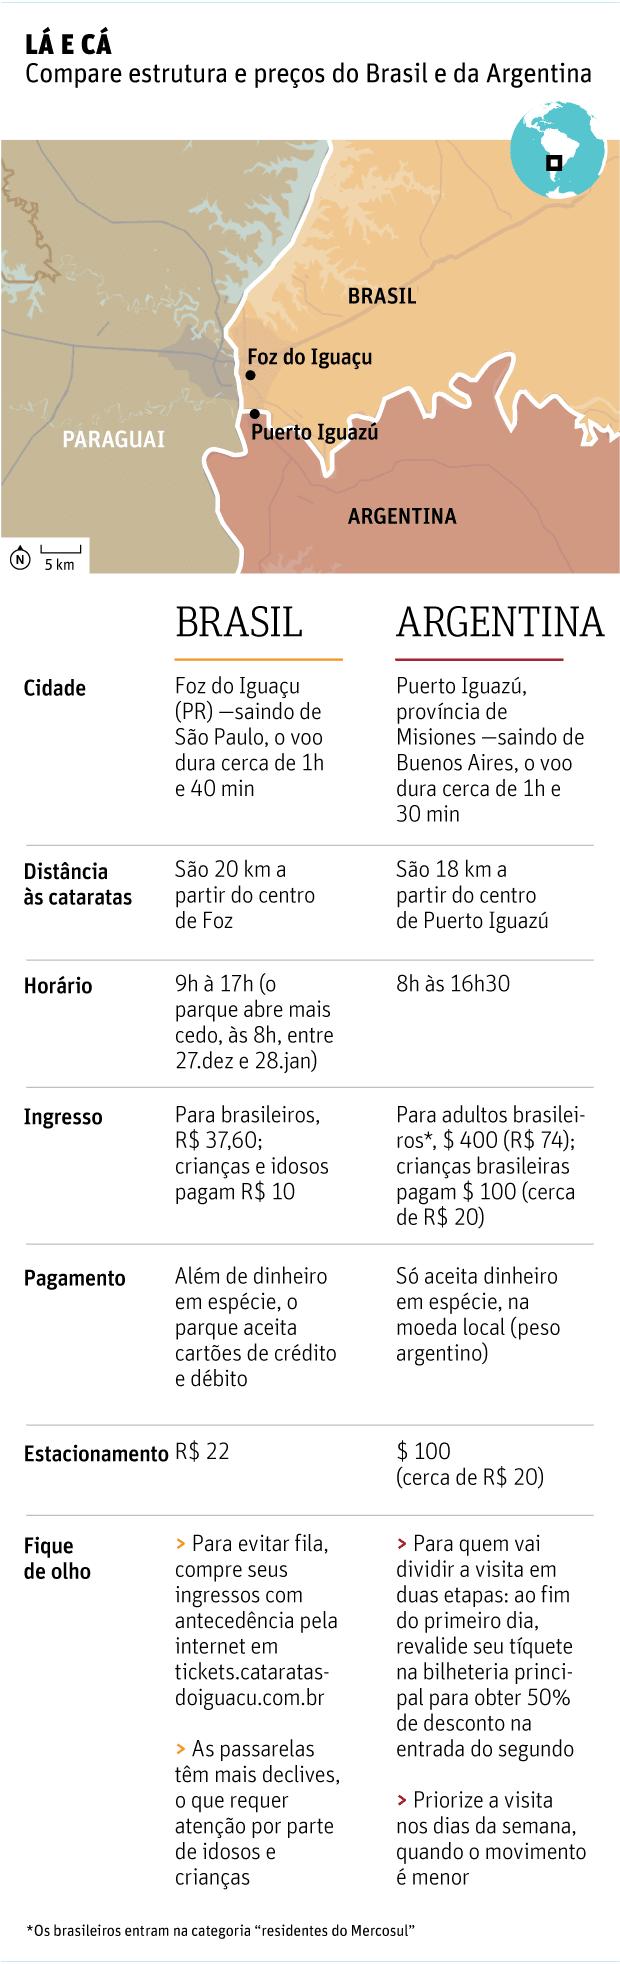 LÁ E CÁ Compare estrutura e preços do Brasil e da Argentina